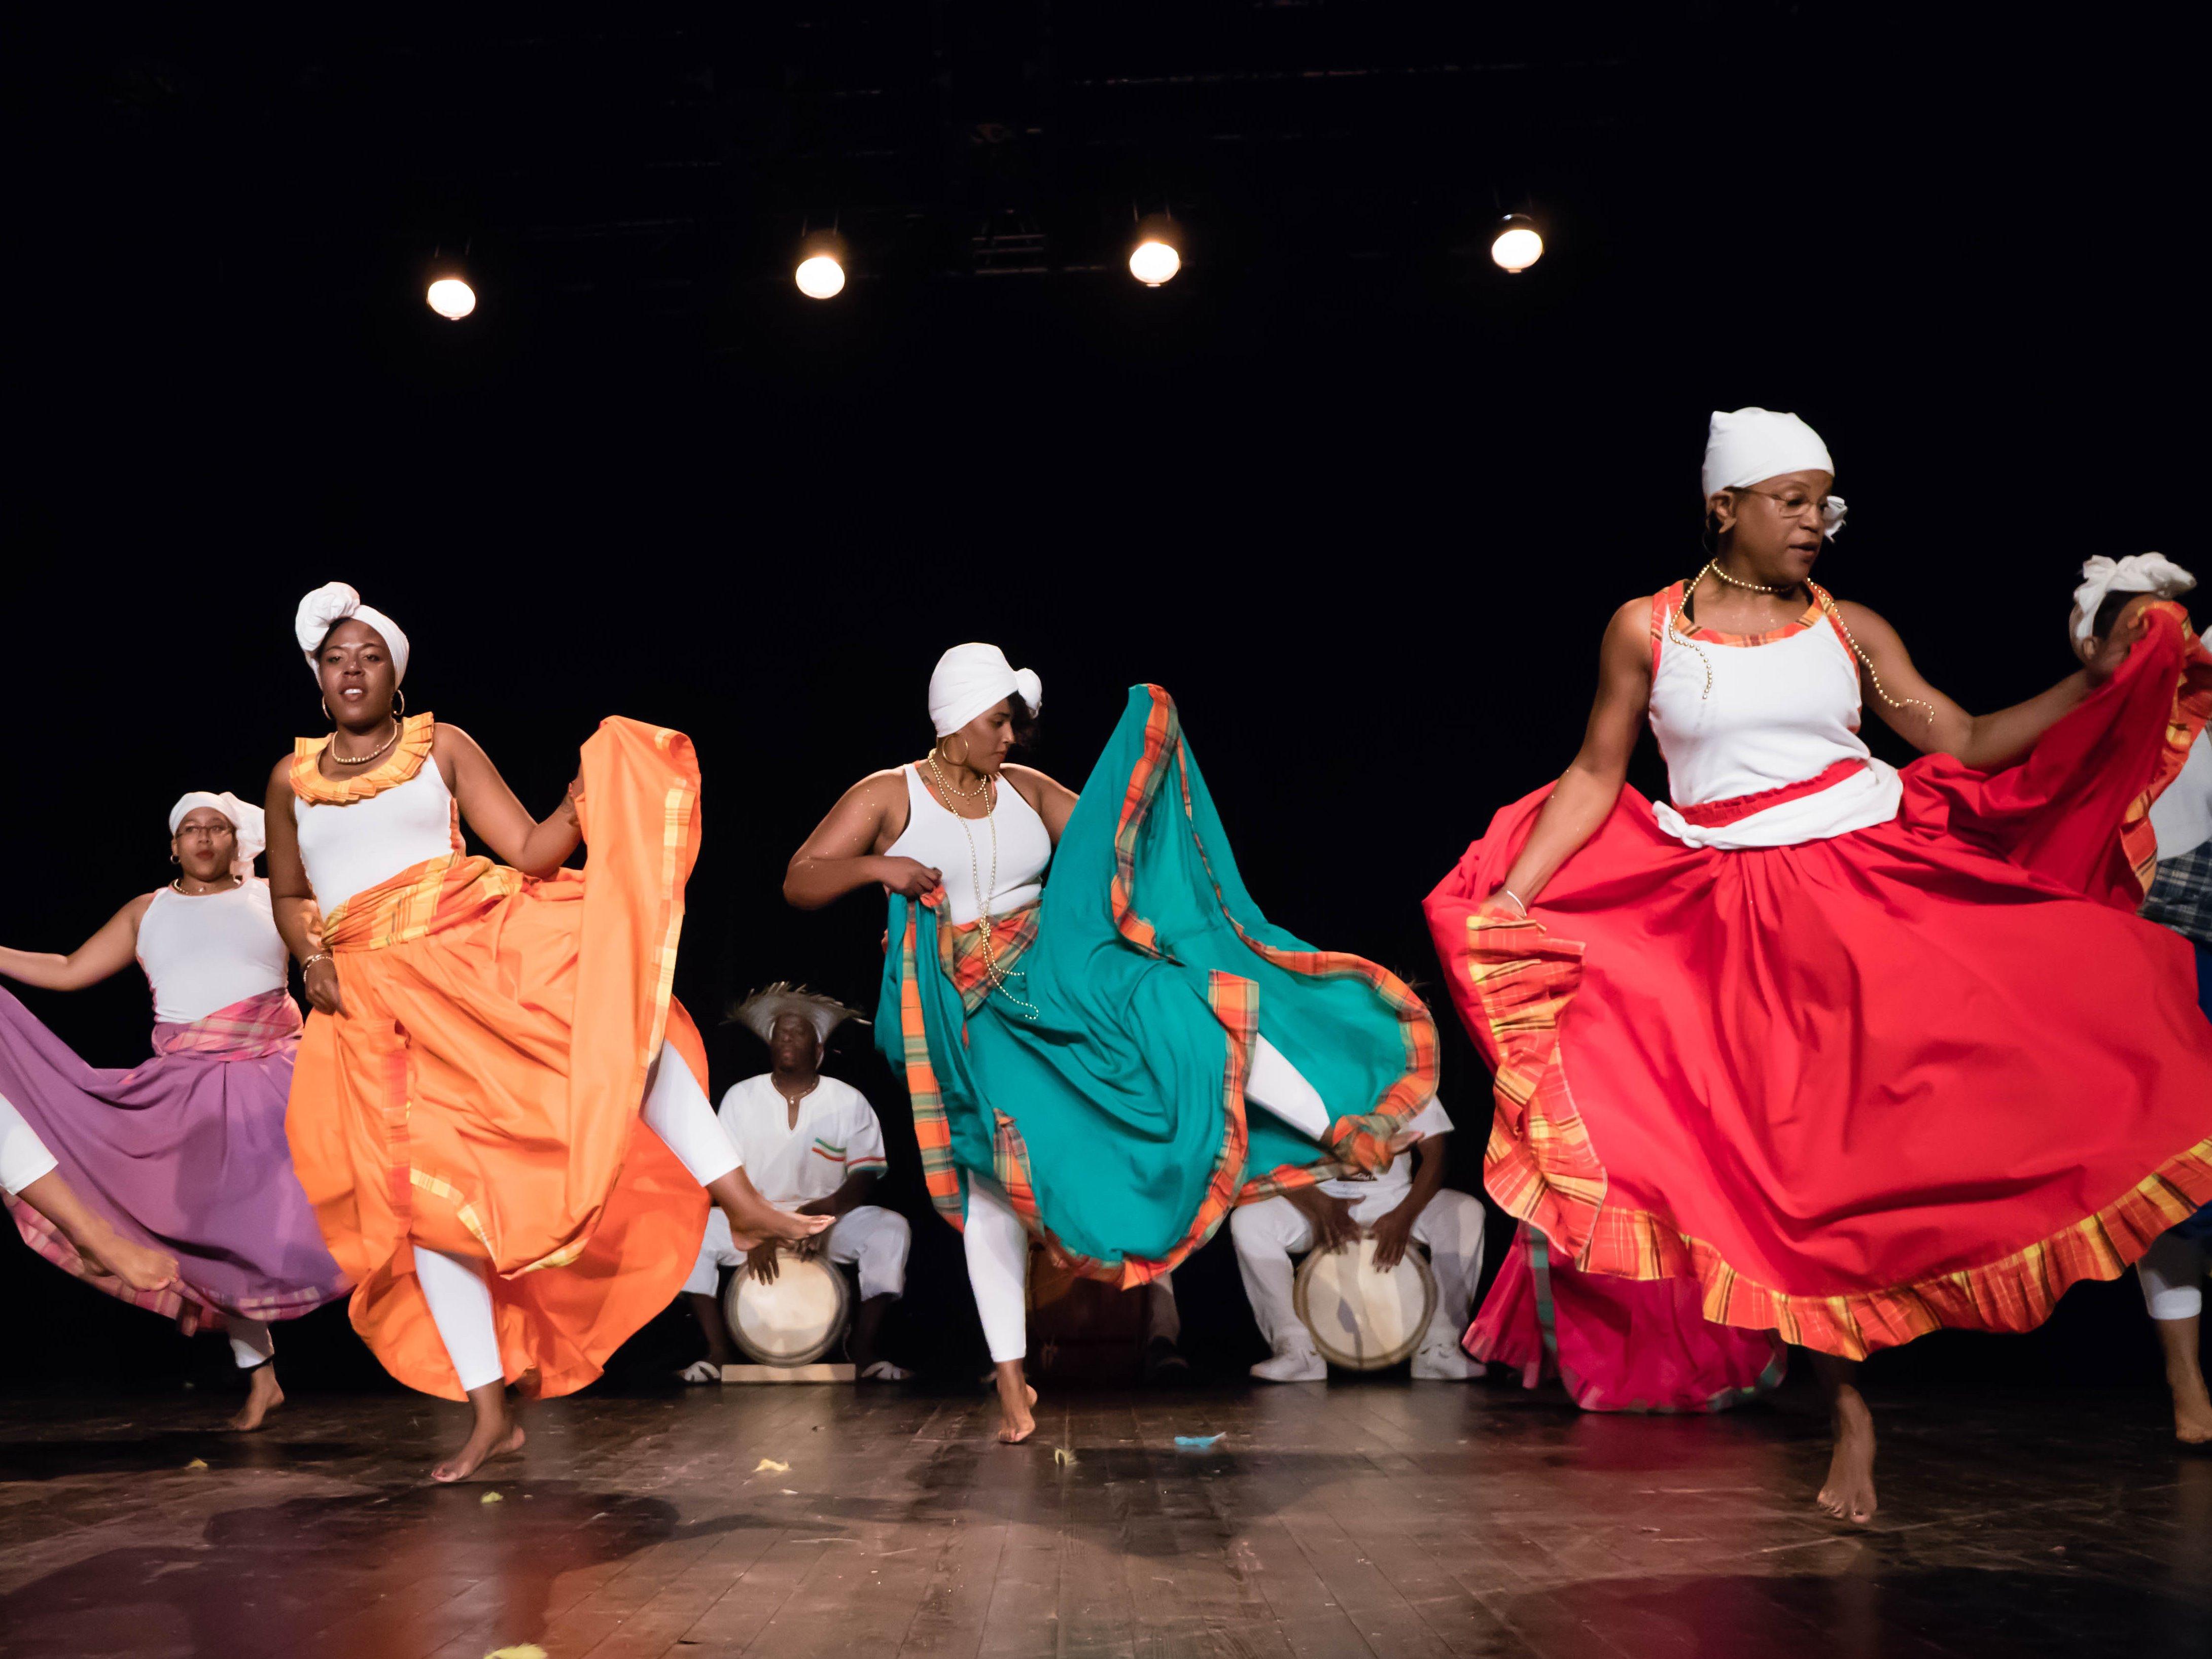 Ecole des Danses Afro-Latines